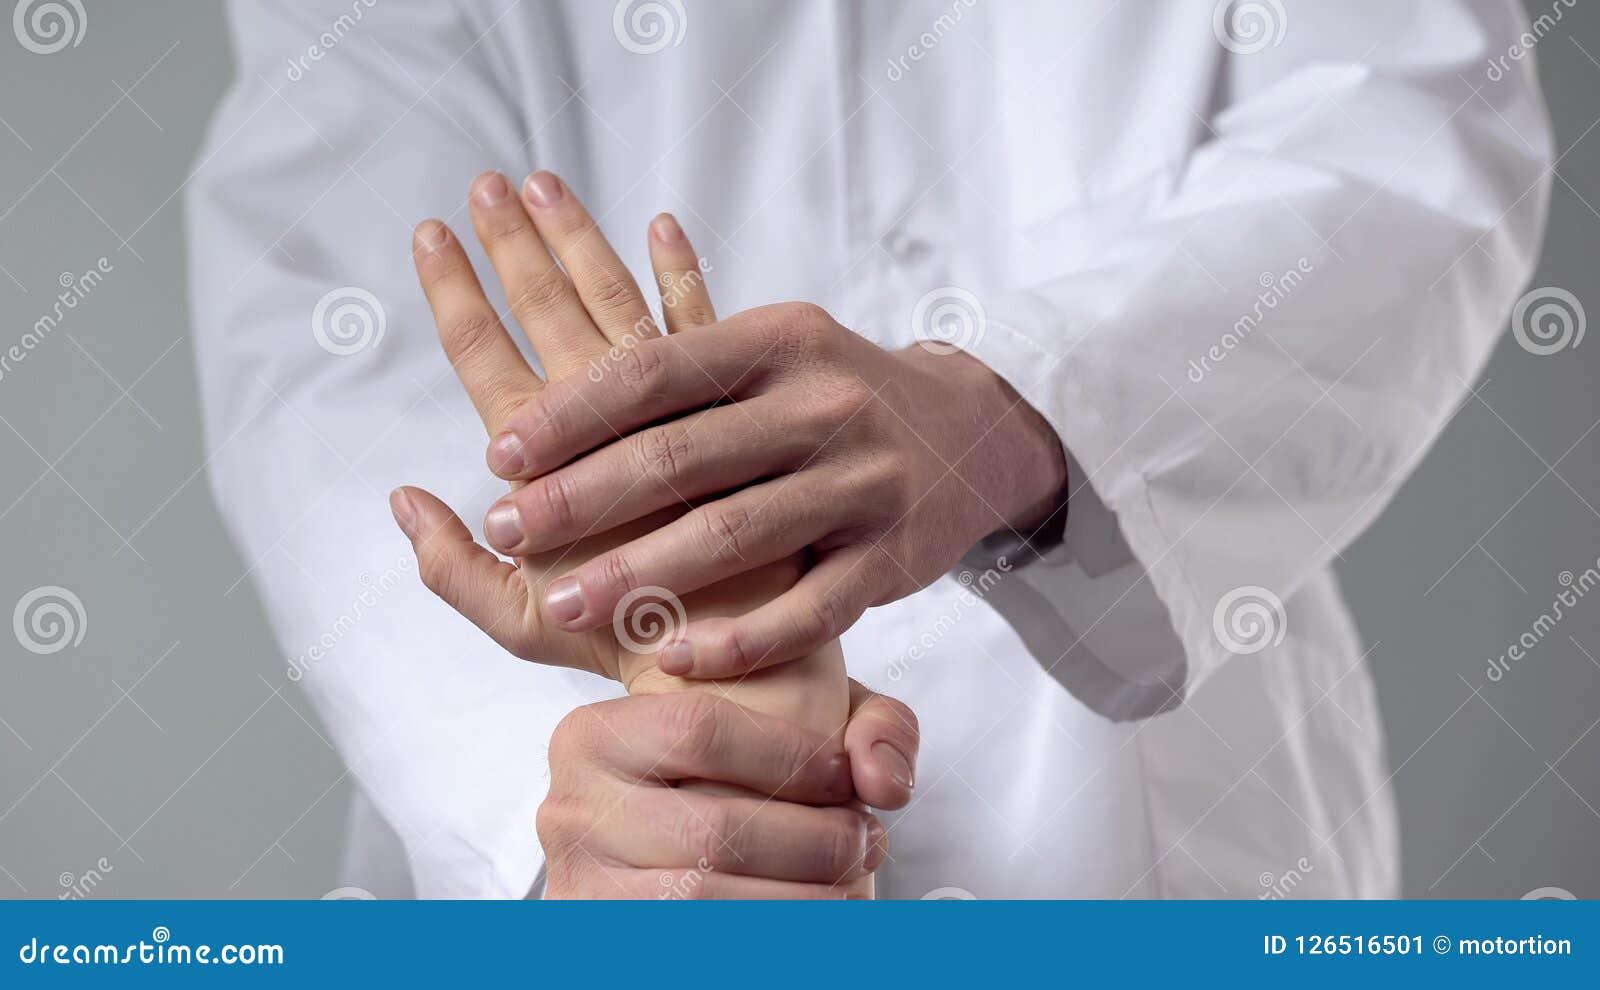 Spécialiste en soins de santé examinant le poignet blessé, traitement de médecine parallèle